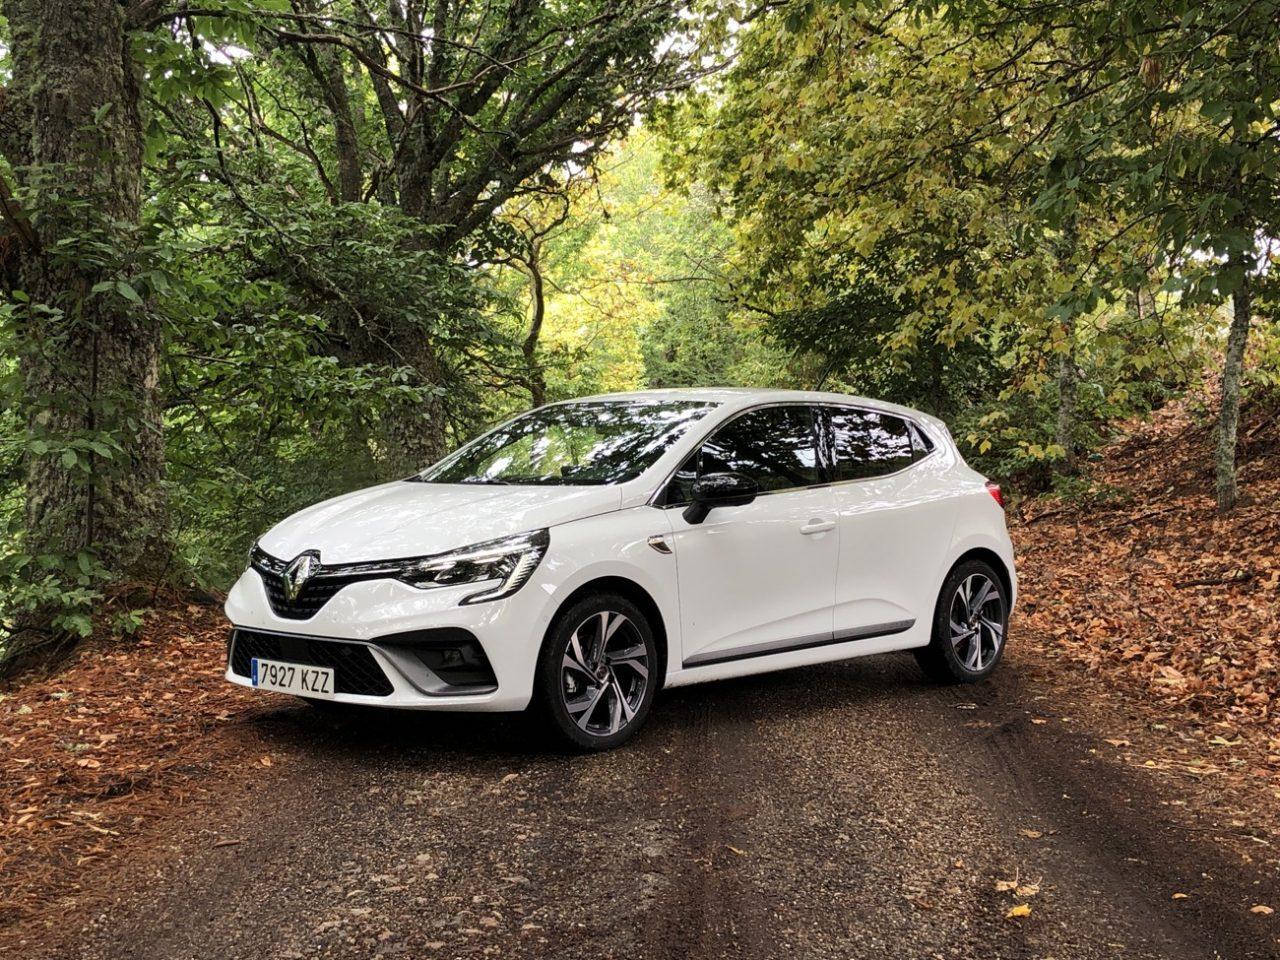 Nuevo Renault Clio 1 3 Tce 130 Cv Rs Line Deportivo Para Todo